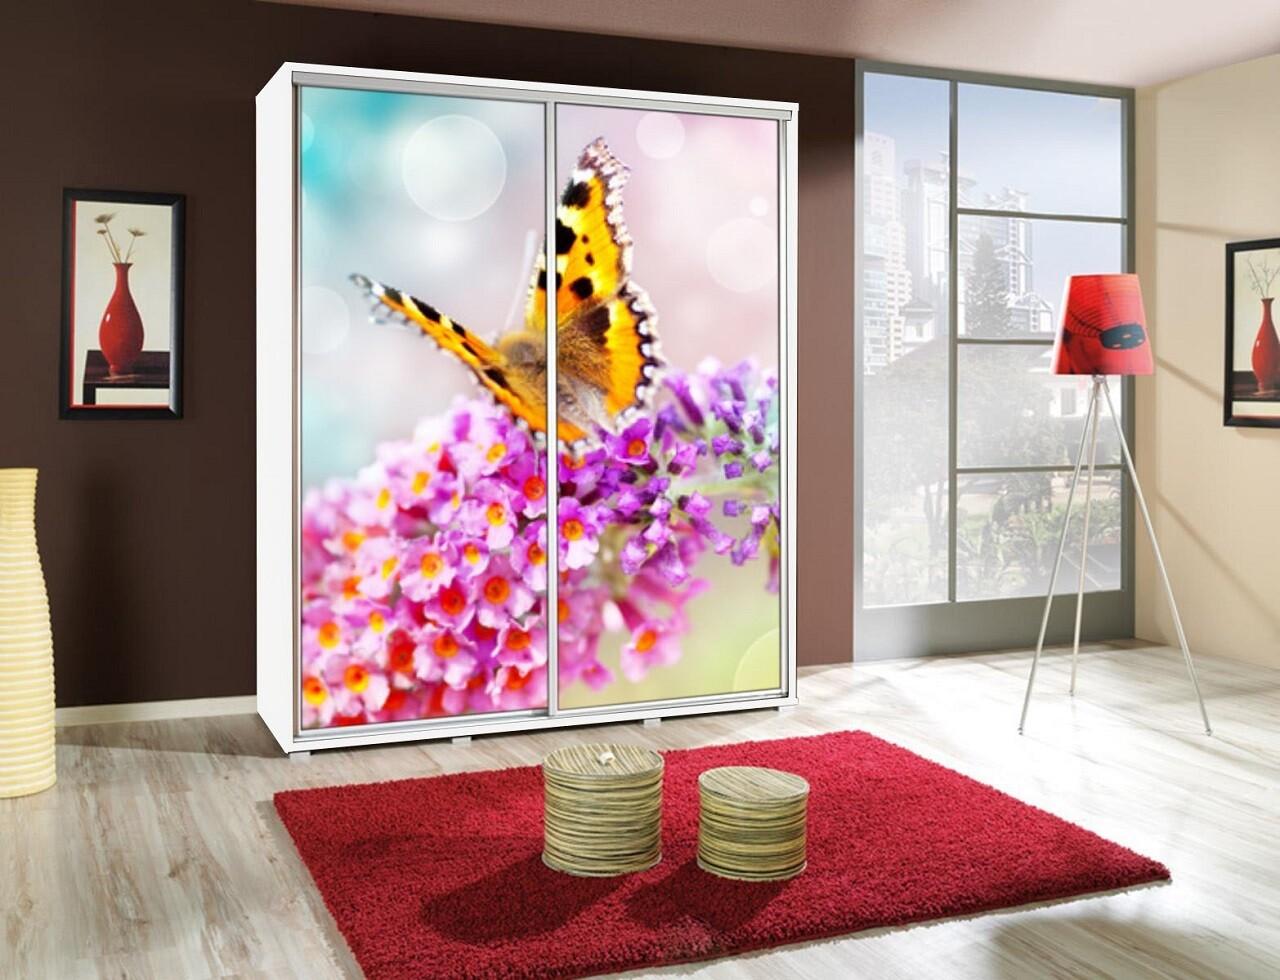 Schiebetürenschrank - Kleiderschrank mit Schiebetür PENELOPA 155cm Motiv Schmetterling / Butterfly